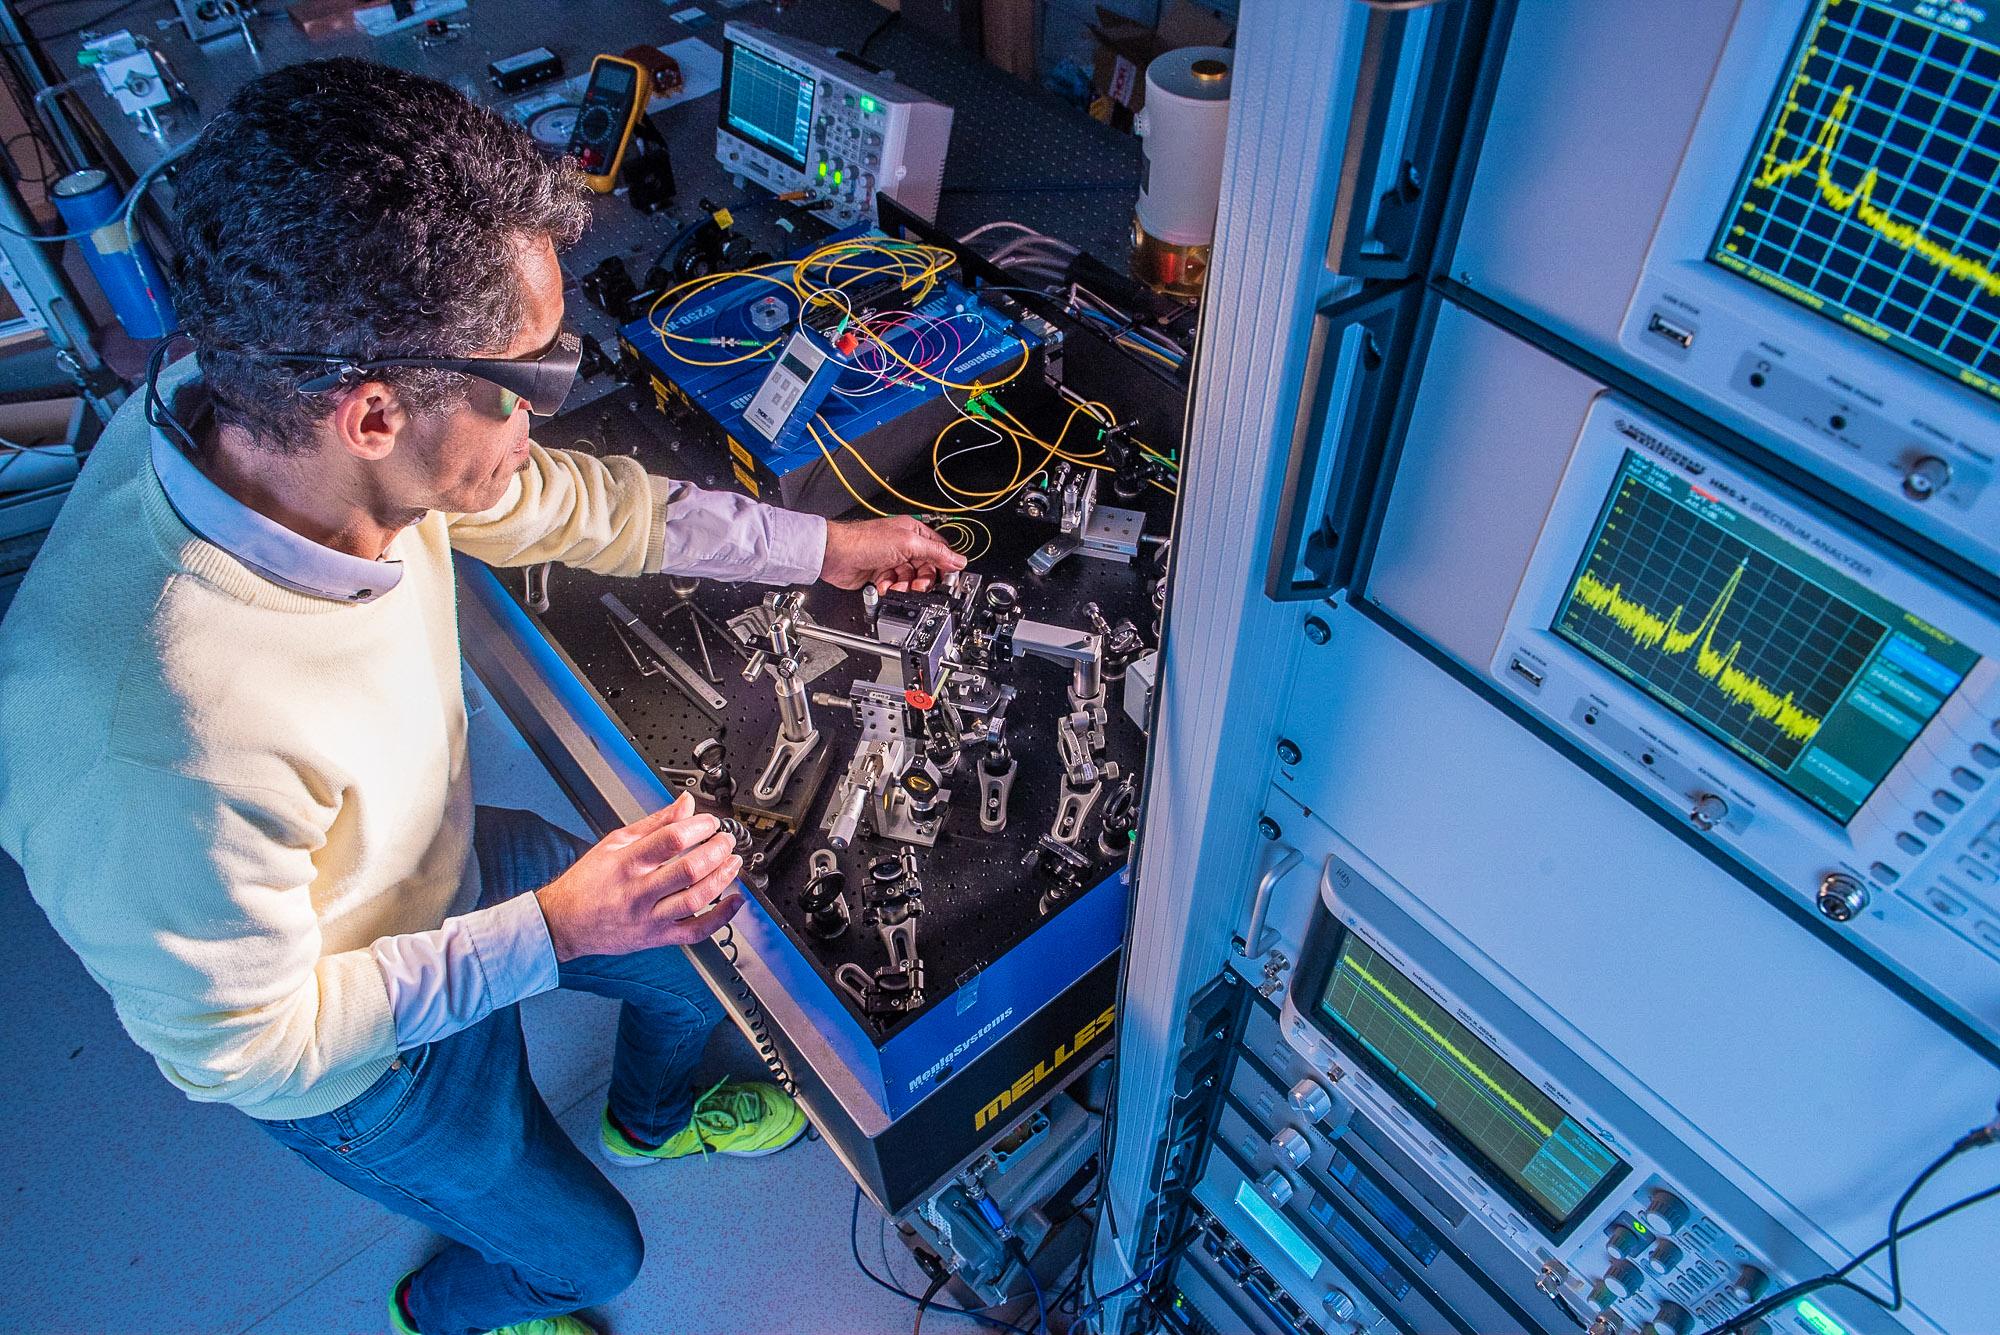 UMR8112 -Laboratoire d'étude du rayonnement et de la matière en astrophysique et atmosphères(PARIS 14) Couplage d'un faisceau laser issu d'une somme de fréquences optiques dans une fibre optique. Le montage en cours de finalisation où cette manipulation s'effectue est une expérience de stabilisation de diode à cascade quantique sur un peigne de fréquence optique. L'objectif est de faire la spectroscopie de l'ozone à une résolution spectrale inégalée et de mesurer ses paramètres moléculaires pour ensuite partager ces informations dans des bases de données internationales. Les données sont utilisées par les chercheurs travaillant sur des modèles de science atmosphérique et climatique.